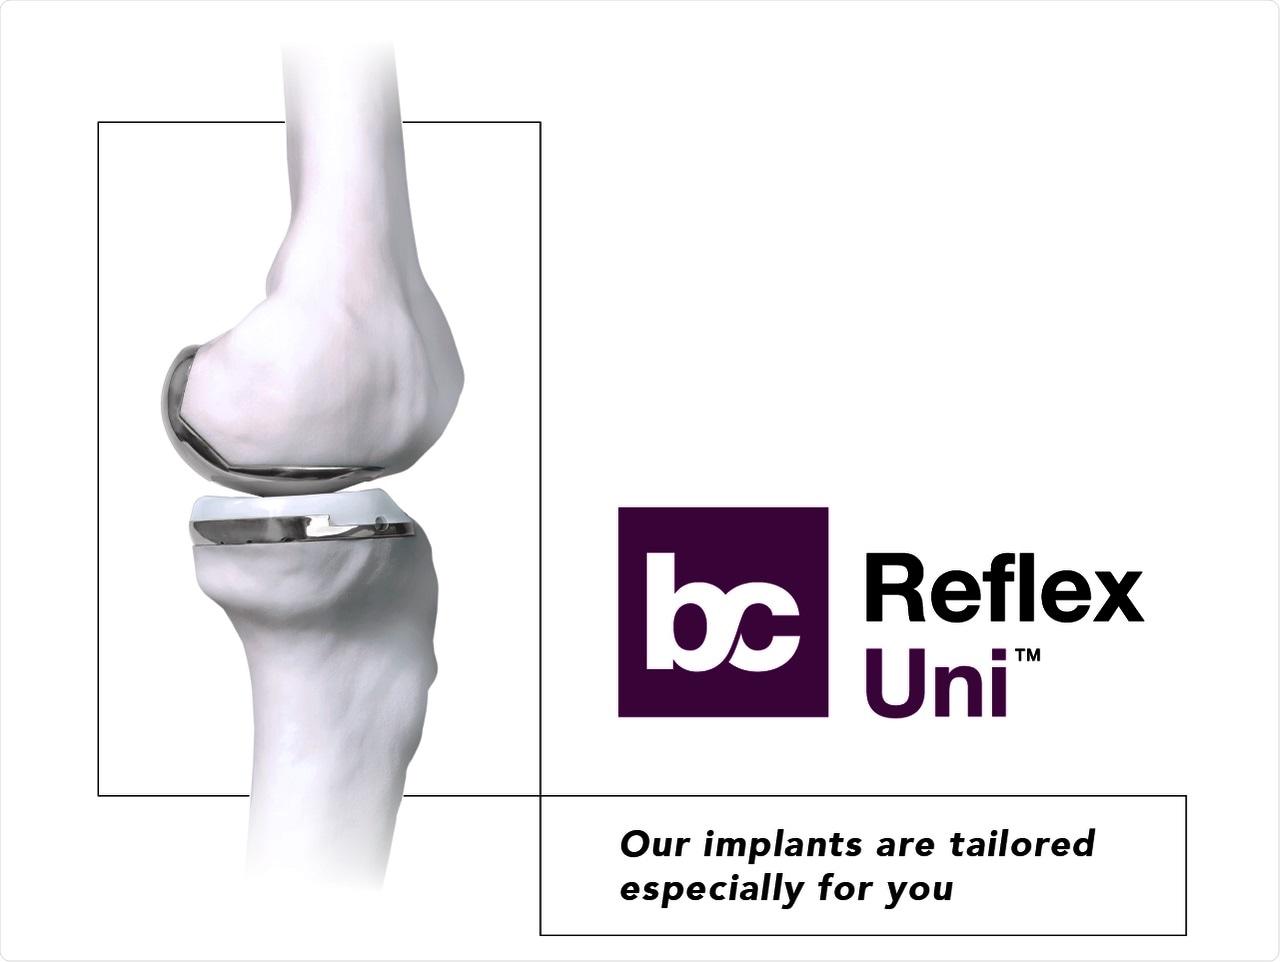 Reflex Uni